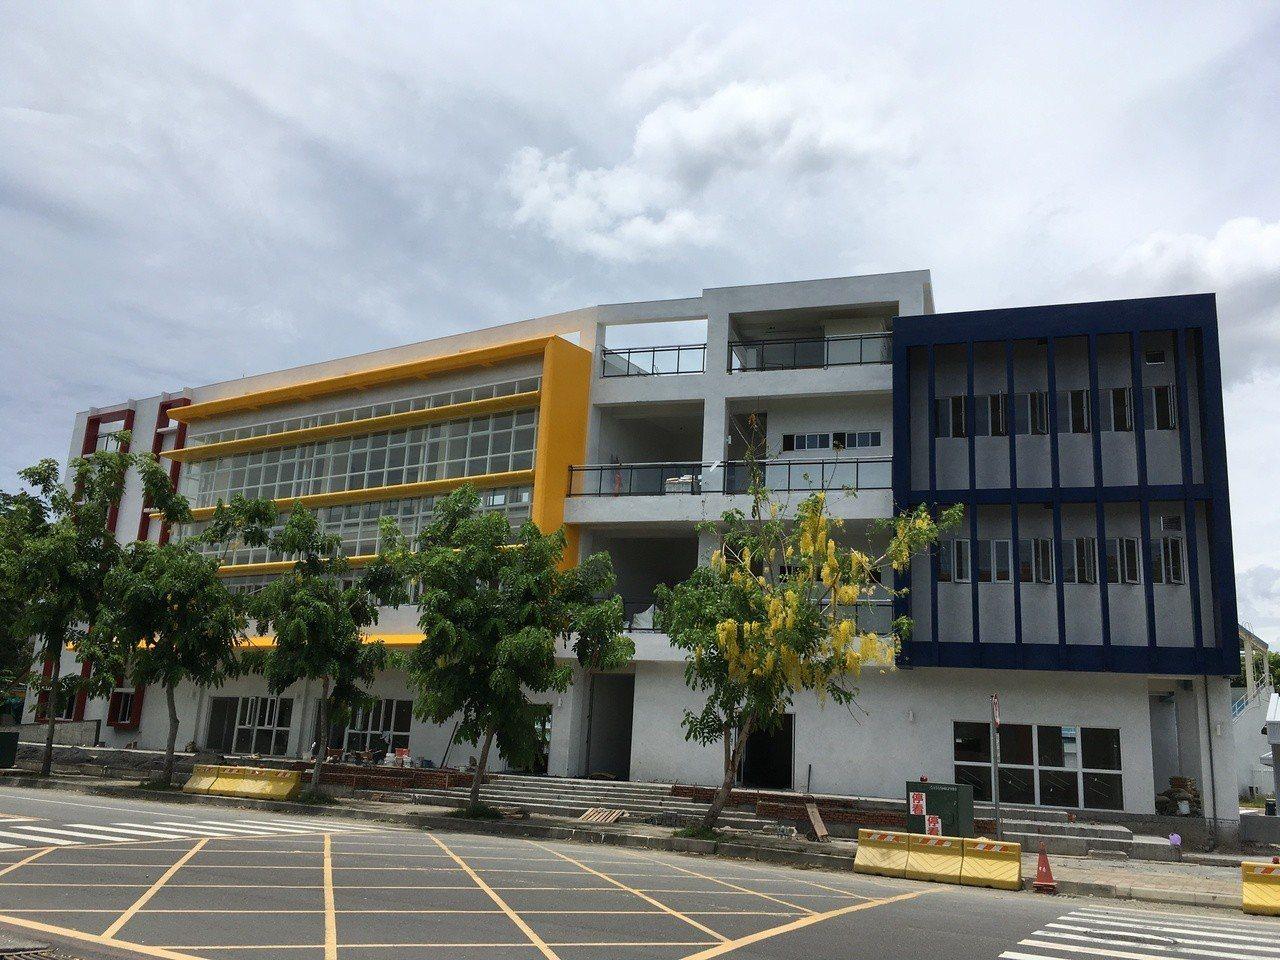 高雄首座市民運動健身中心,今年7月將在鳳山運動園區啟用。記者謝梅芬/翻攝